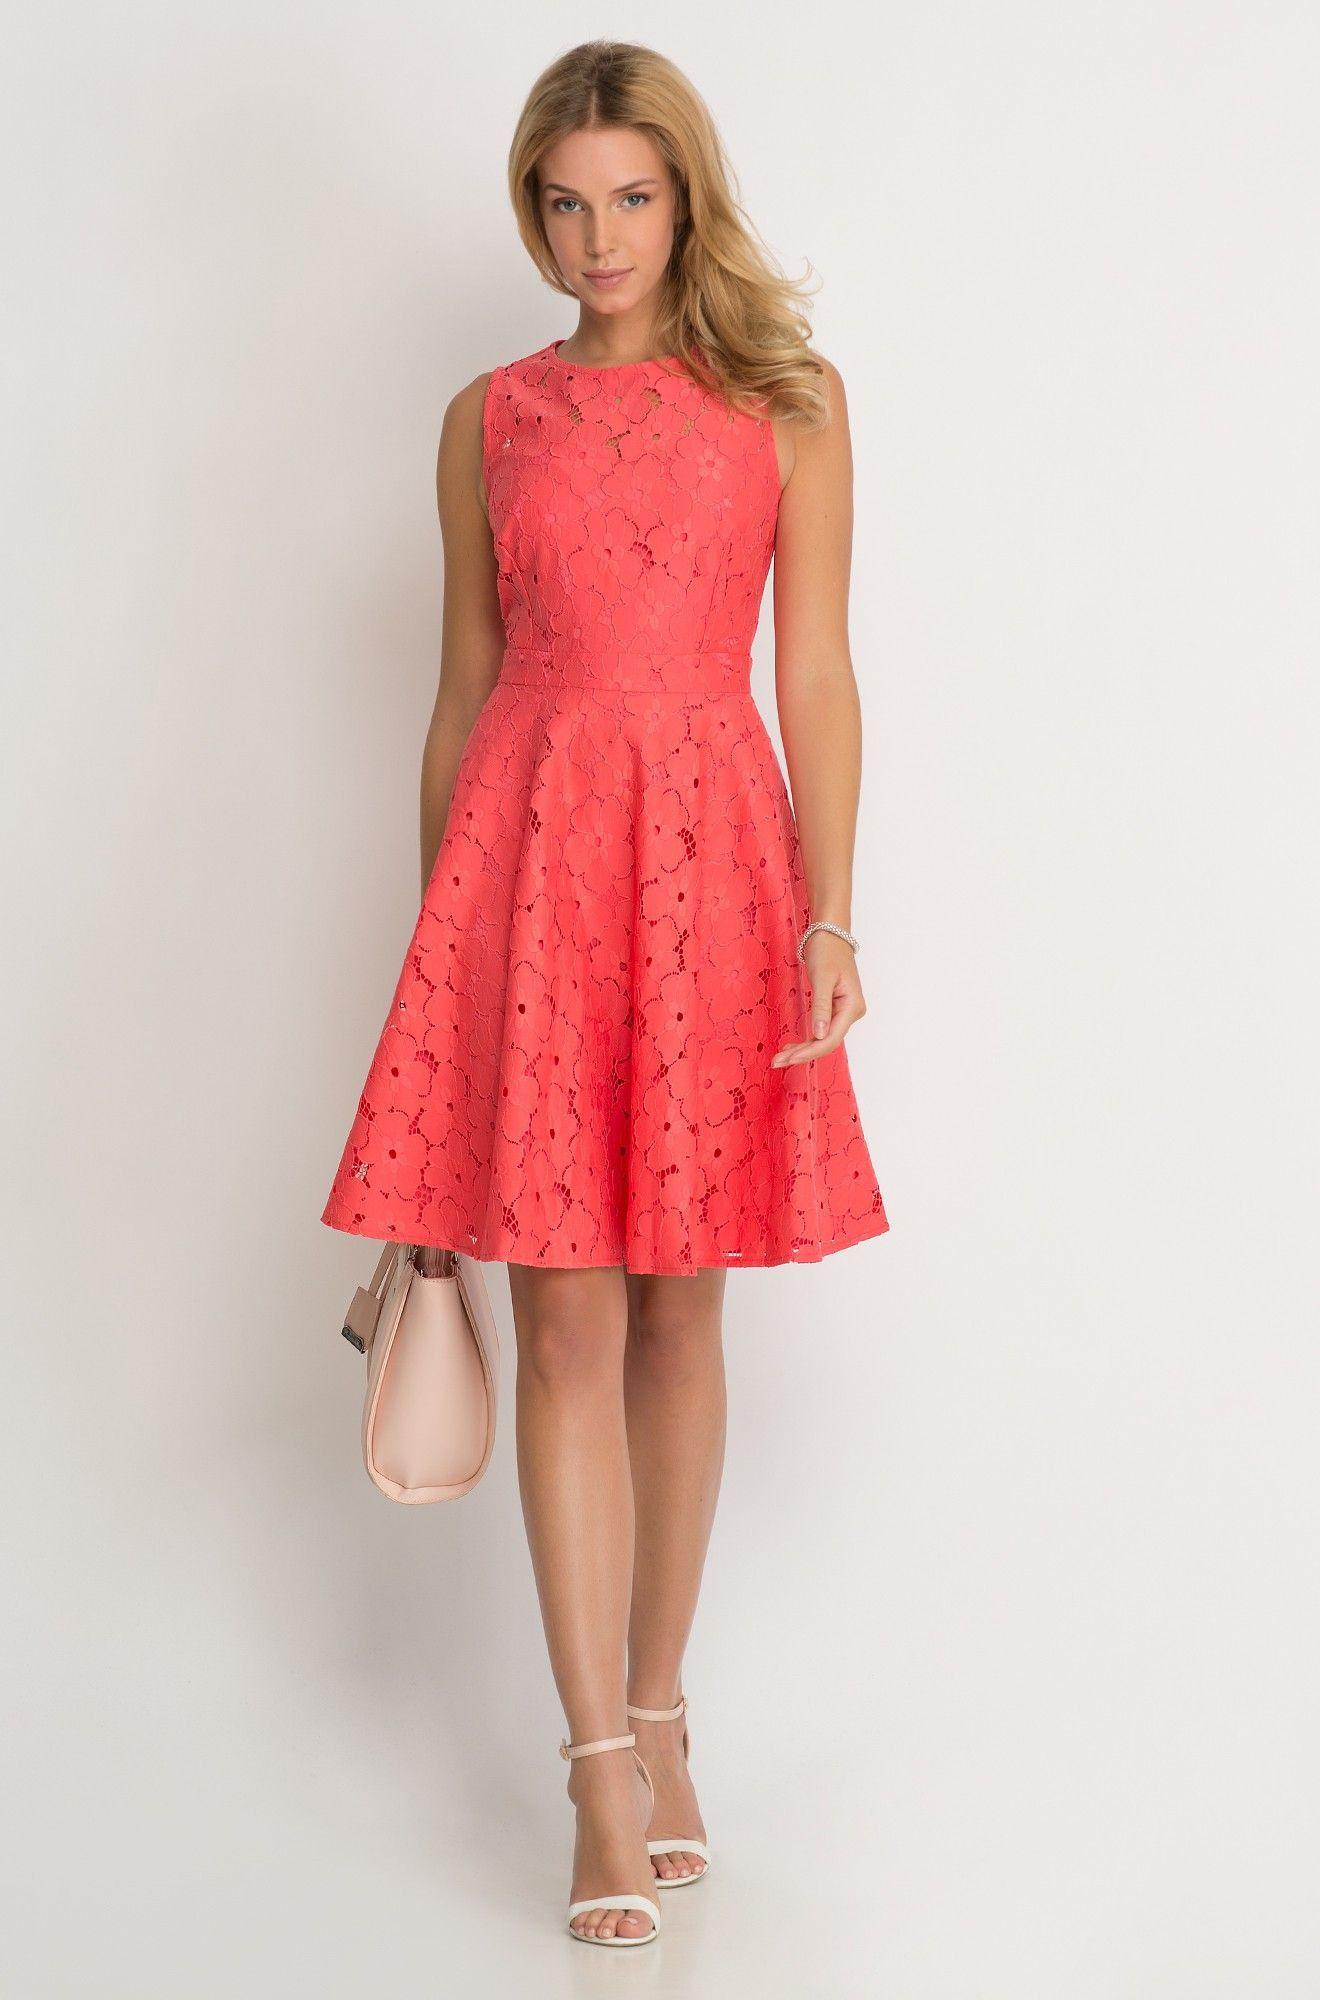 Kleid Für Hochzeit Orsay in 8  Schöne kleider, Kleider, Abendkleid